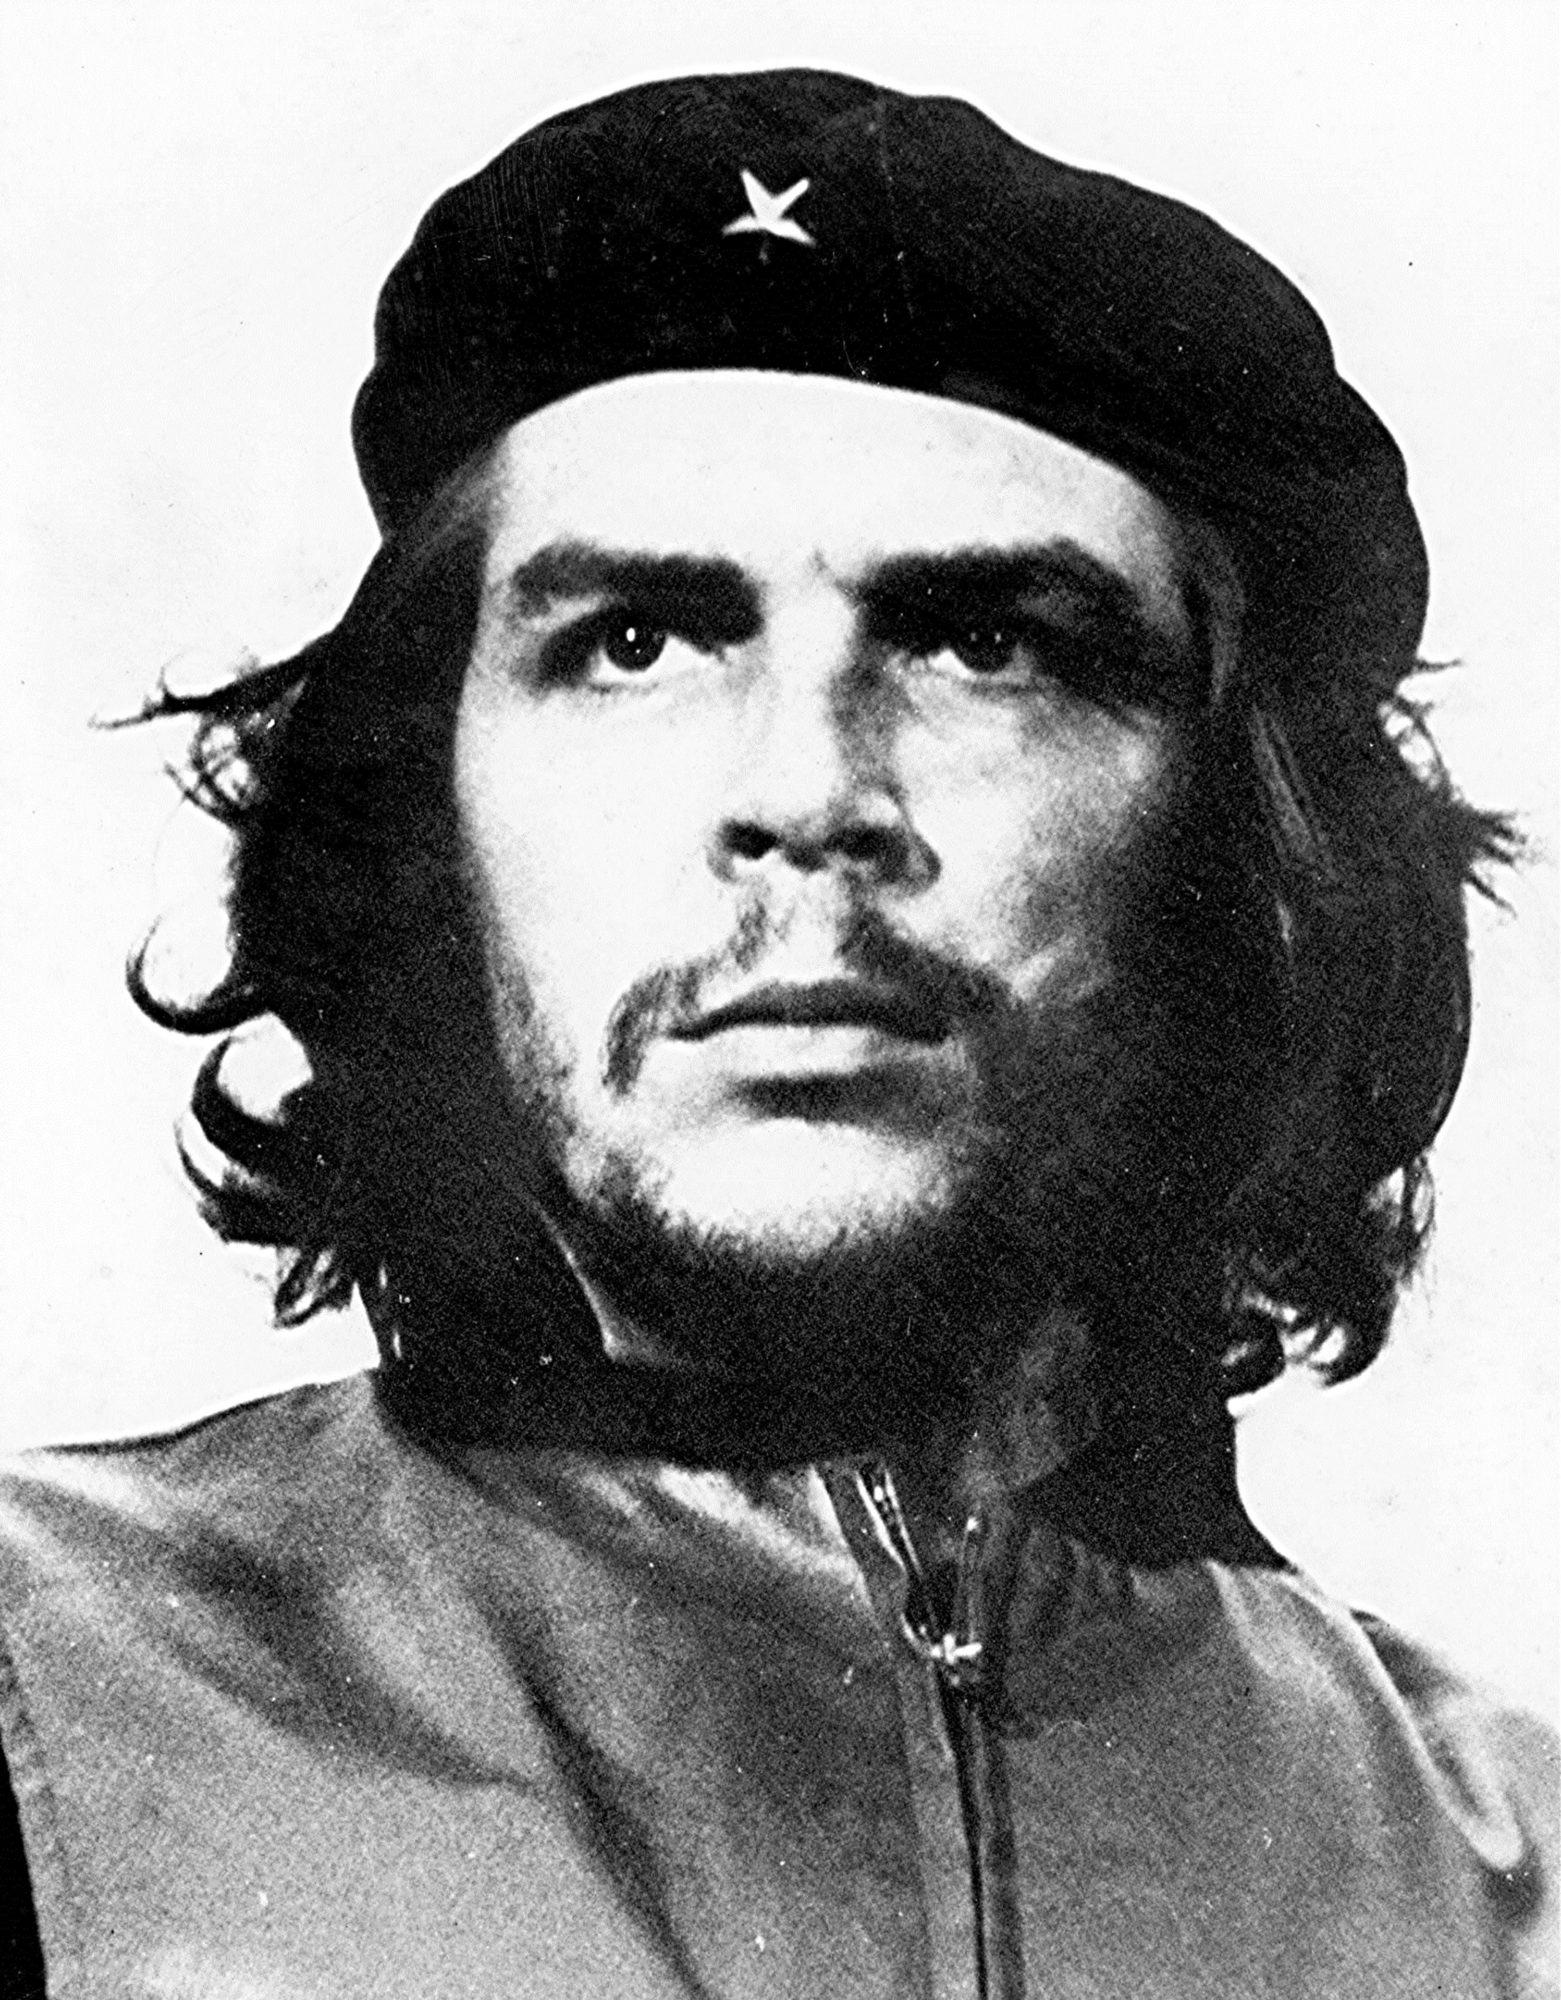 foto ernesto che guevara 5 marzo 1960 alberto korda